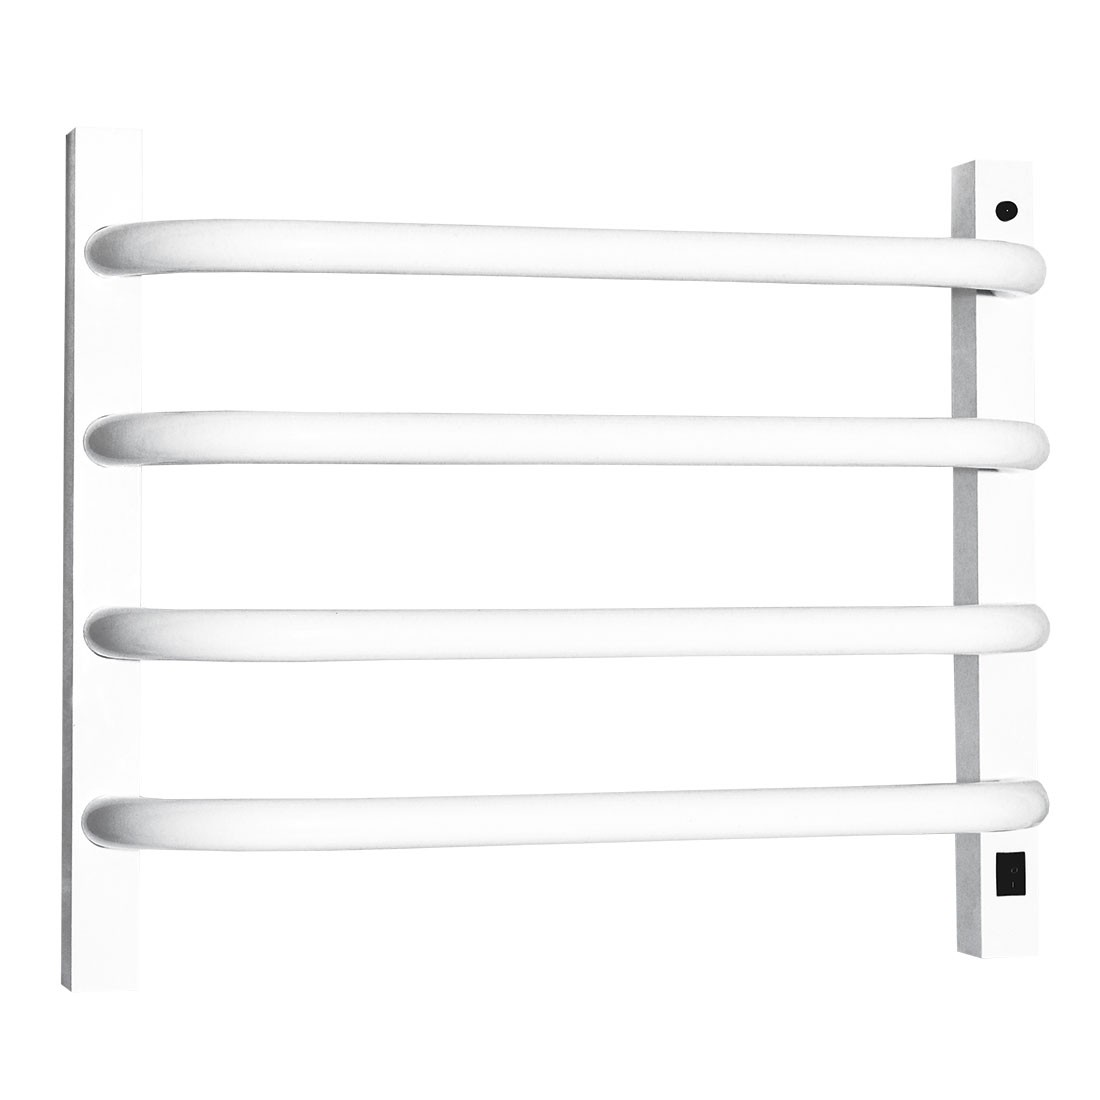 Toalheiro Térmico de Parede Branco Pequeno 39x43cm KEBRPA para Banheiros e Lavabos